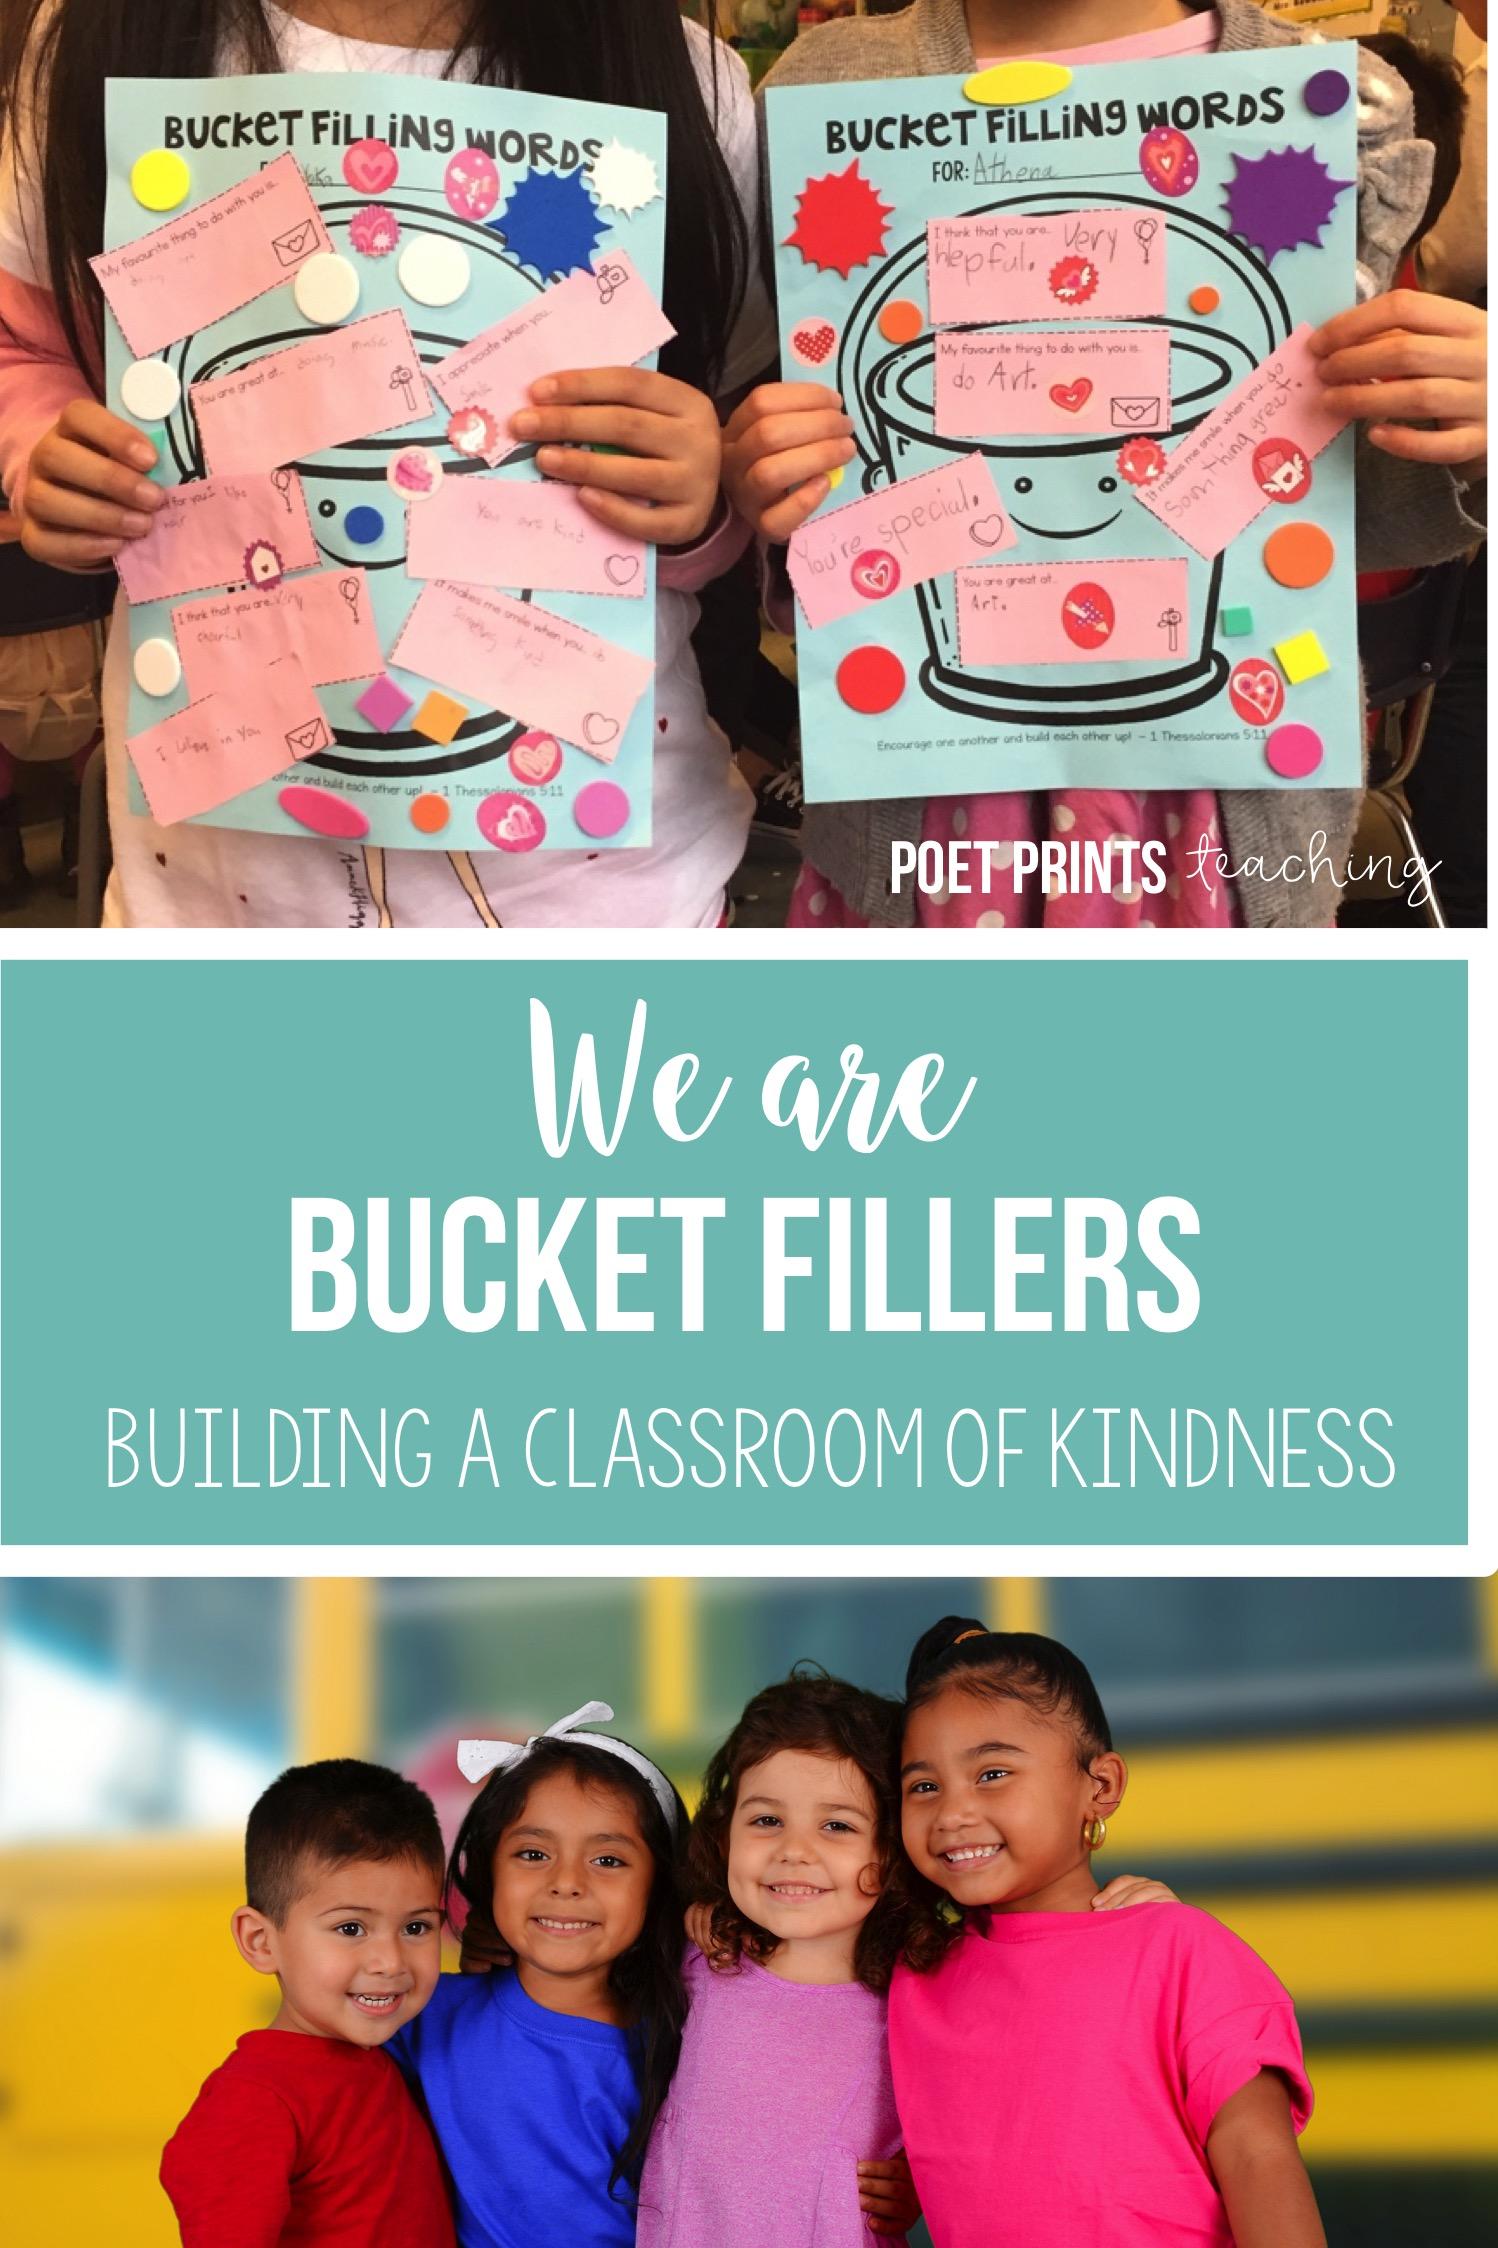 We Are Bucket Fillers Poet Prints Teaching